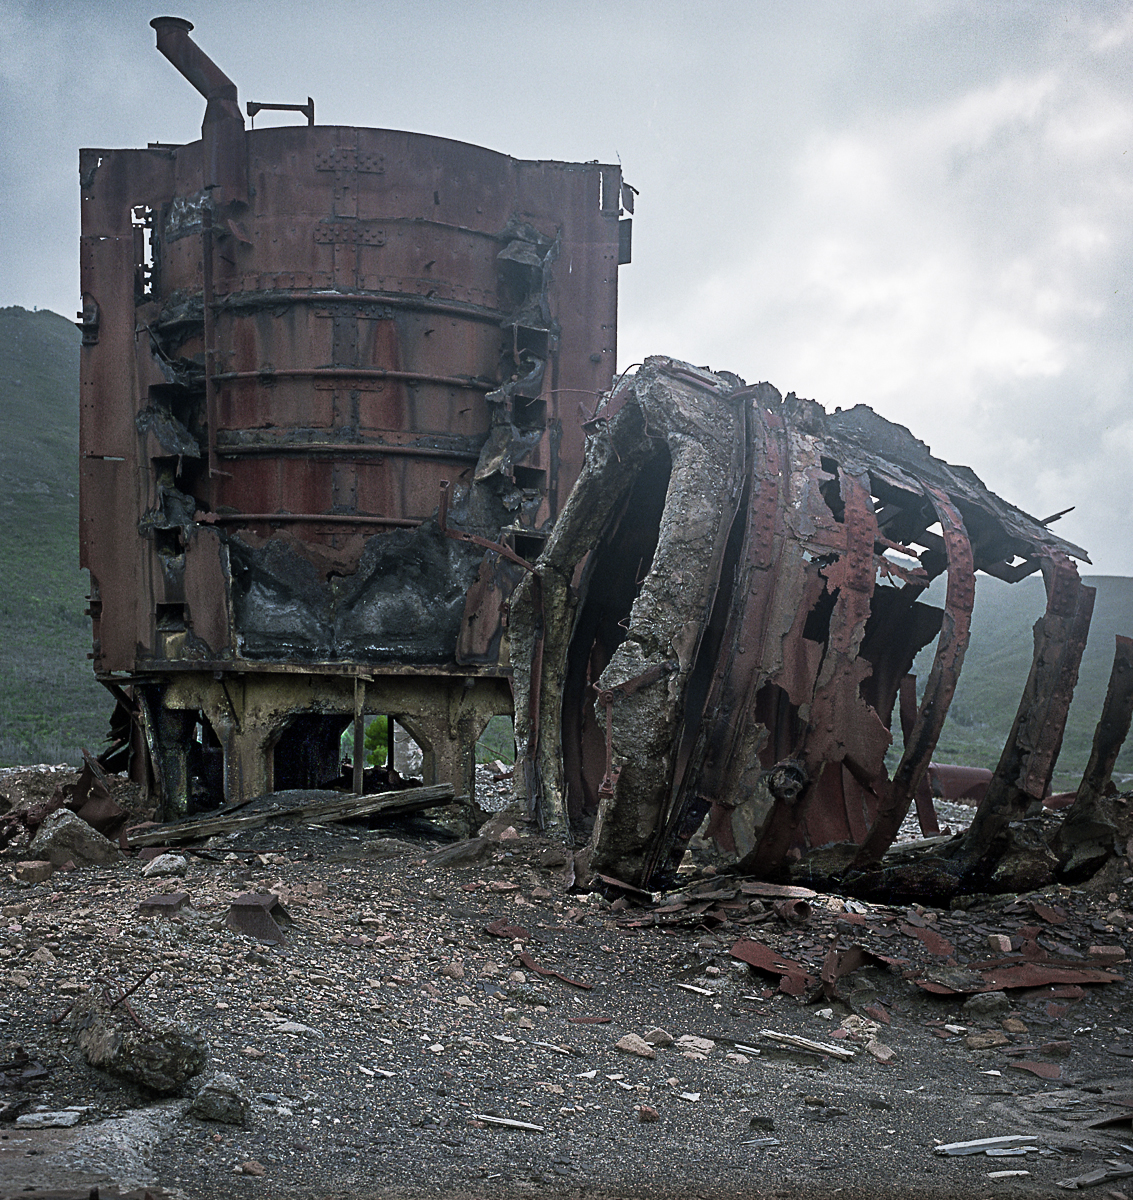 Ruined Smelter, Zeehan